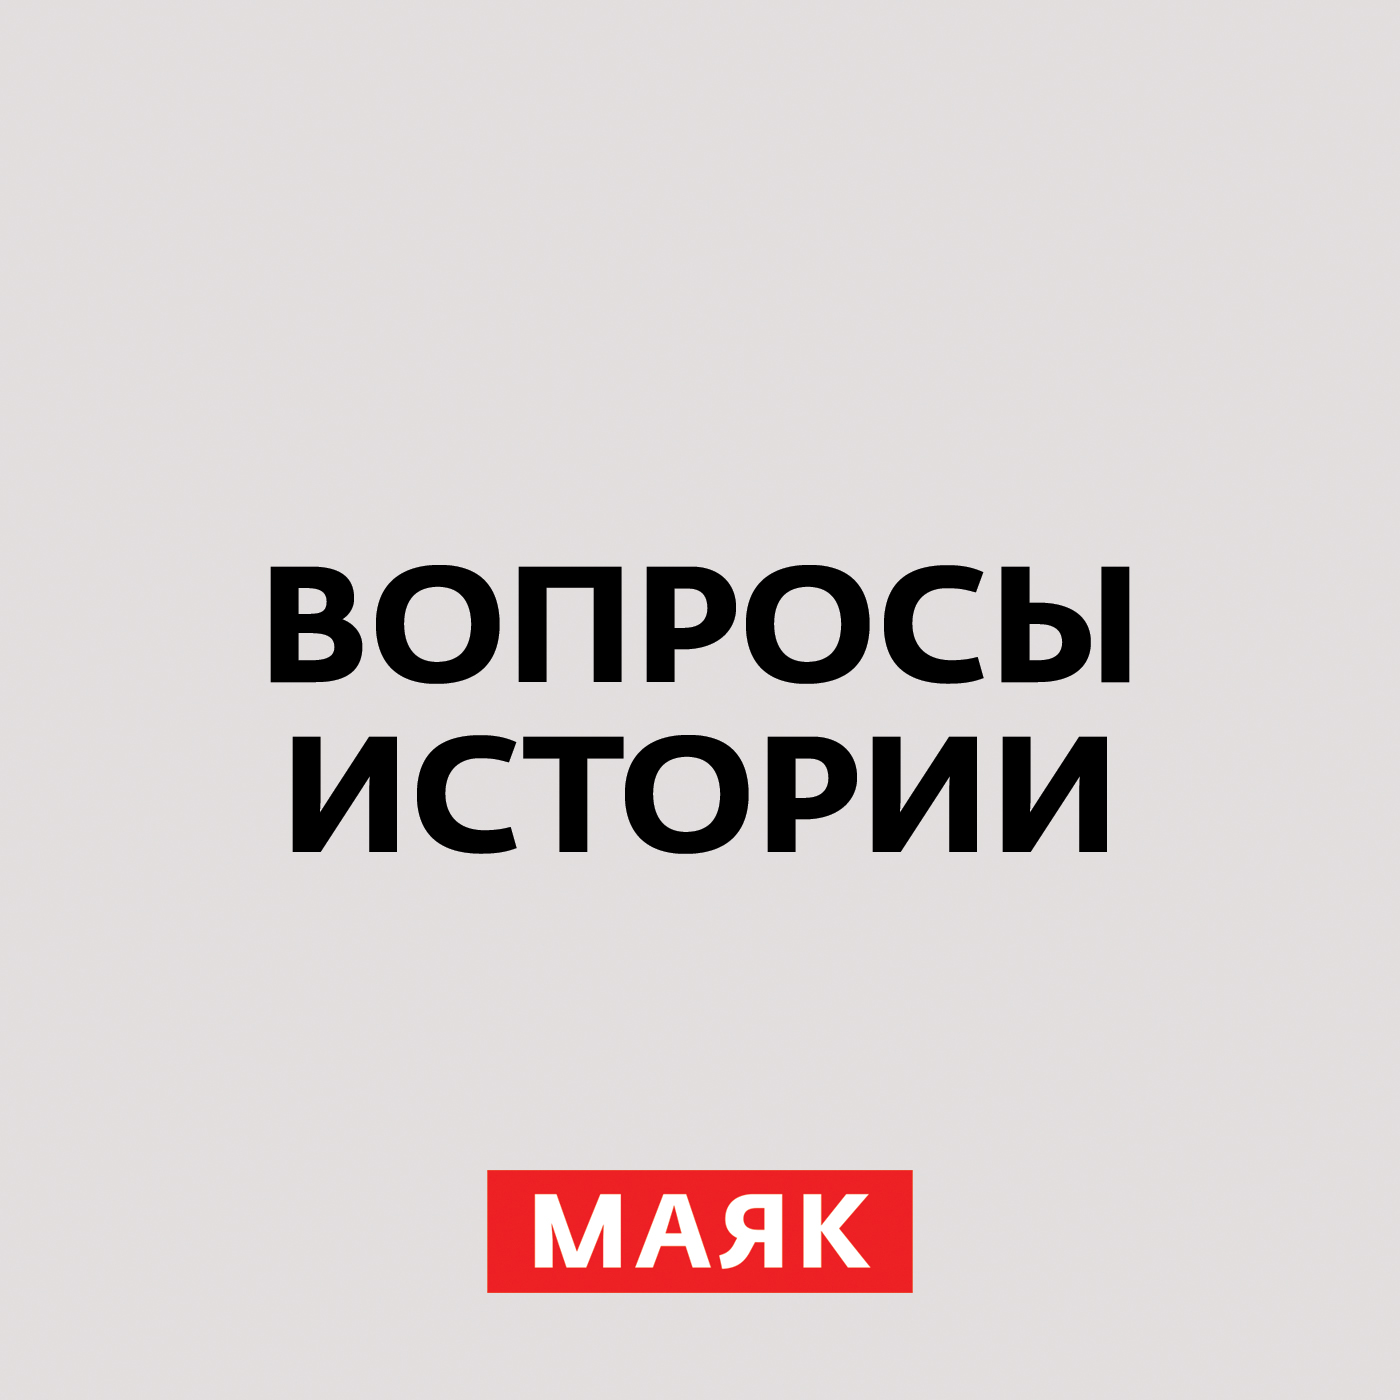 Андрей Светенко Отмена крепостного права. Часть 1 фонарь яркий луч кемпинг x5 спутник оранжевый cree xp g r5 cree xp e r2 100лм диммируемый свет на 4xaa